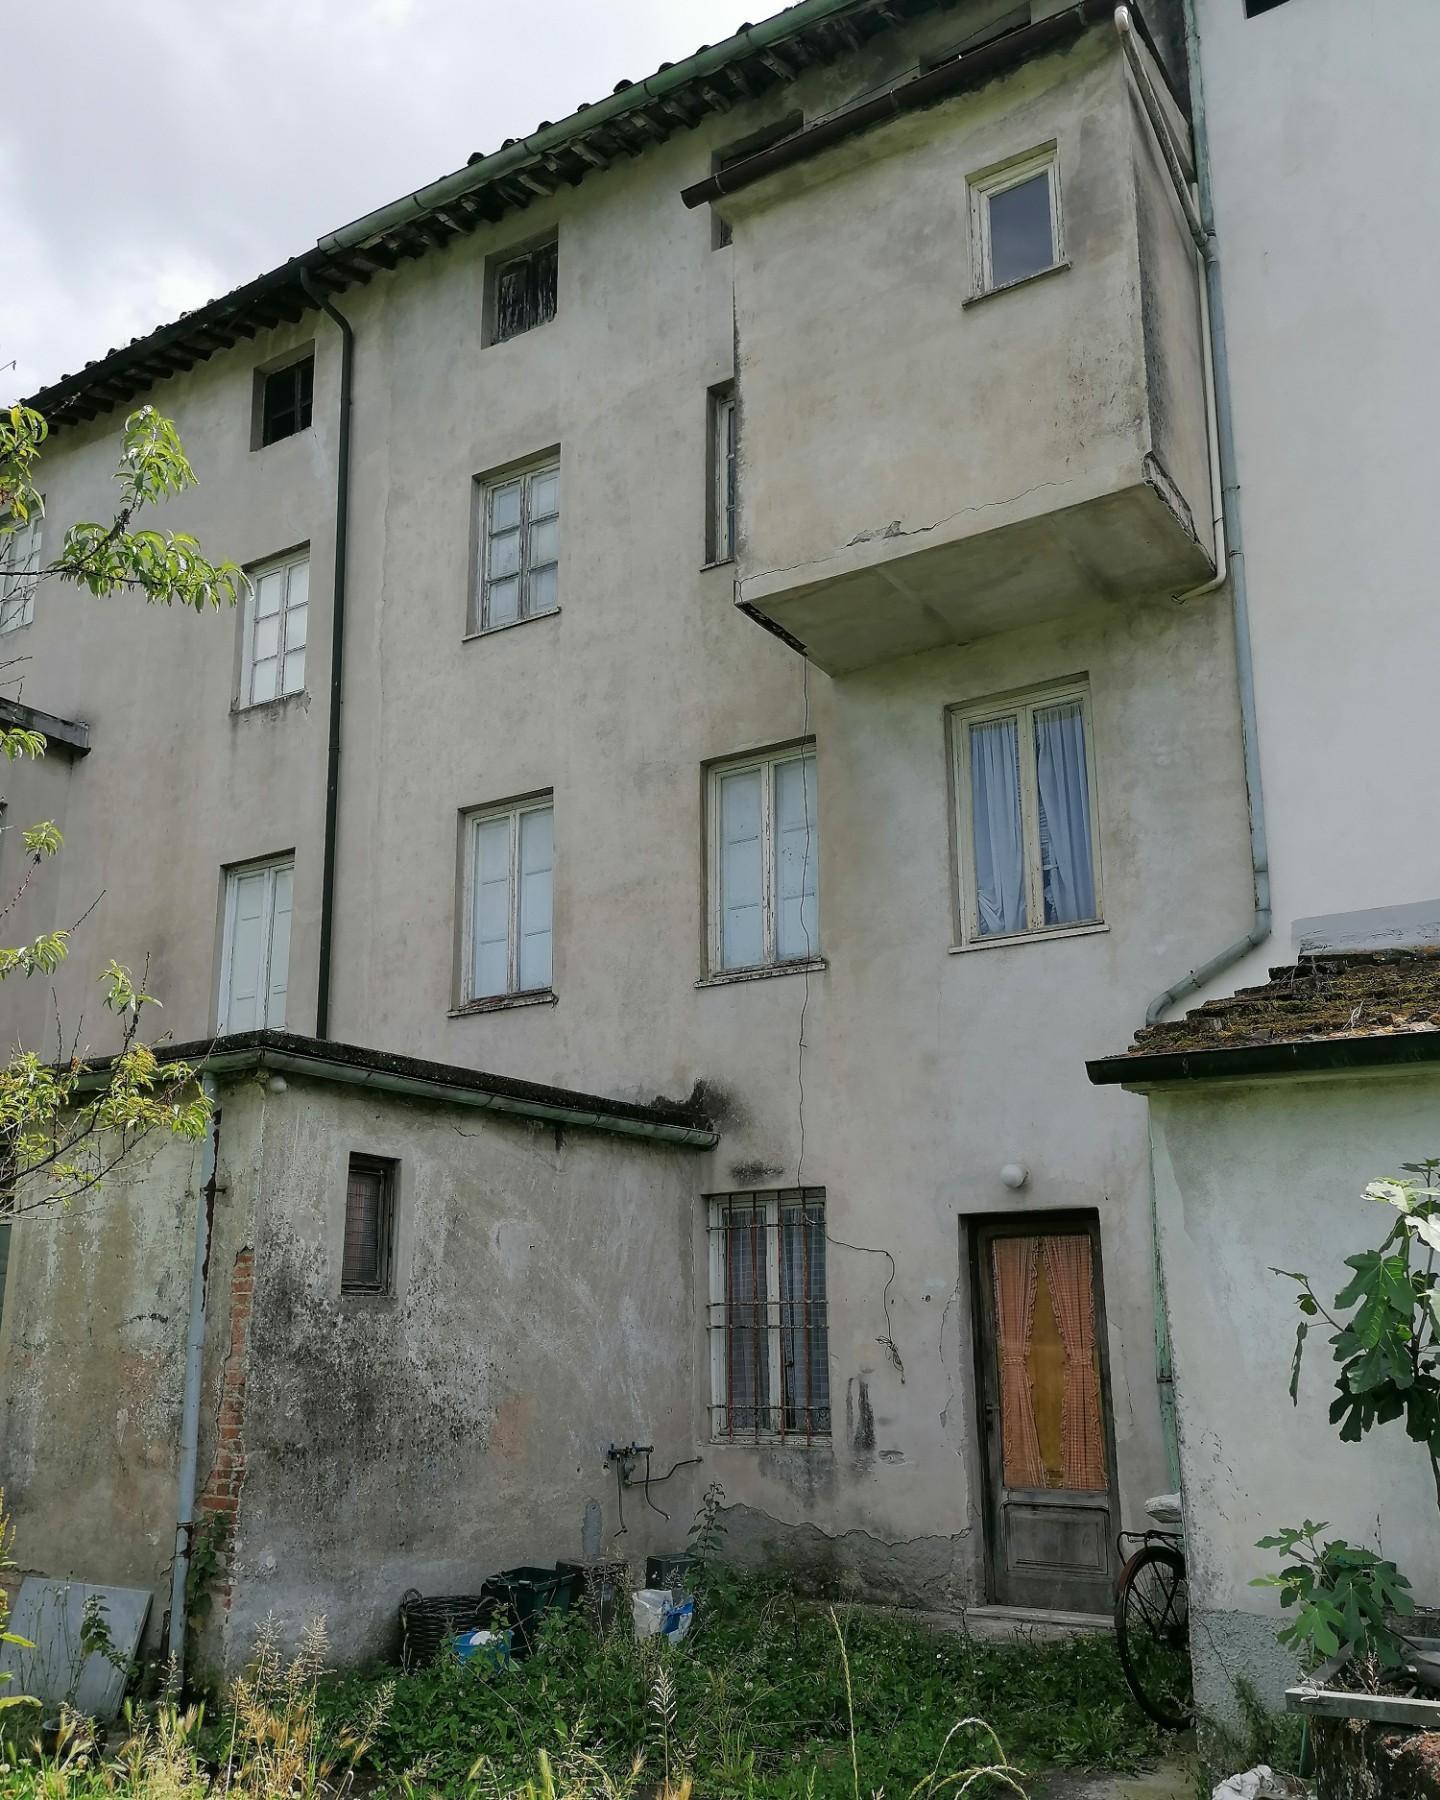 Terreno edif. residenziale in vendita a Sant'anna, Lucca